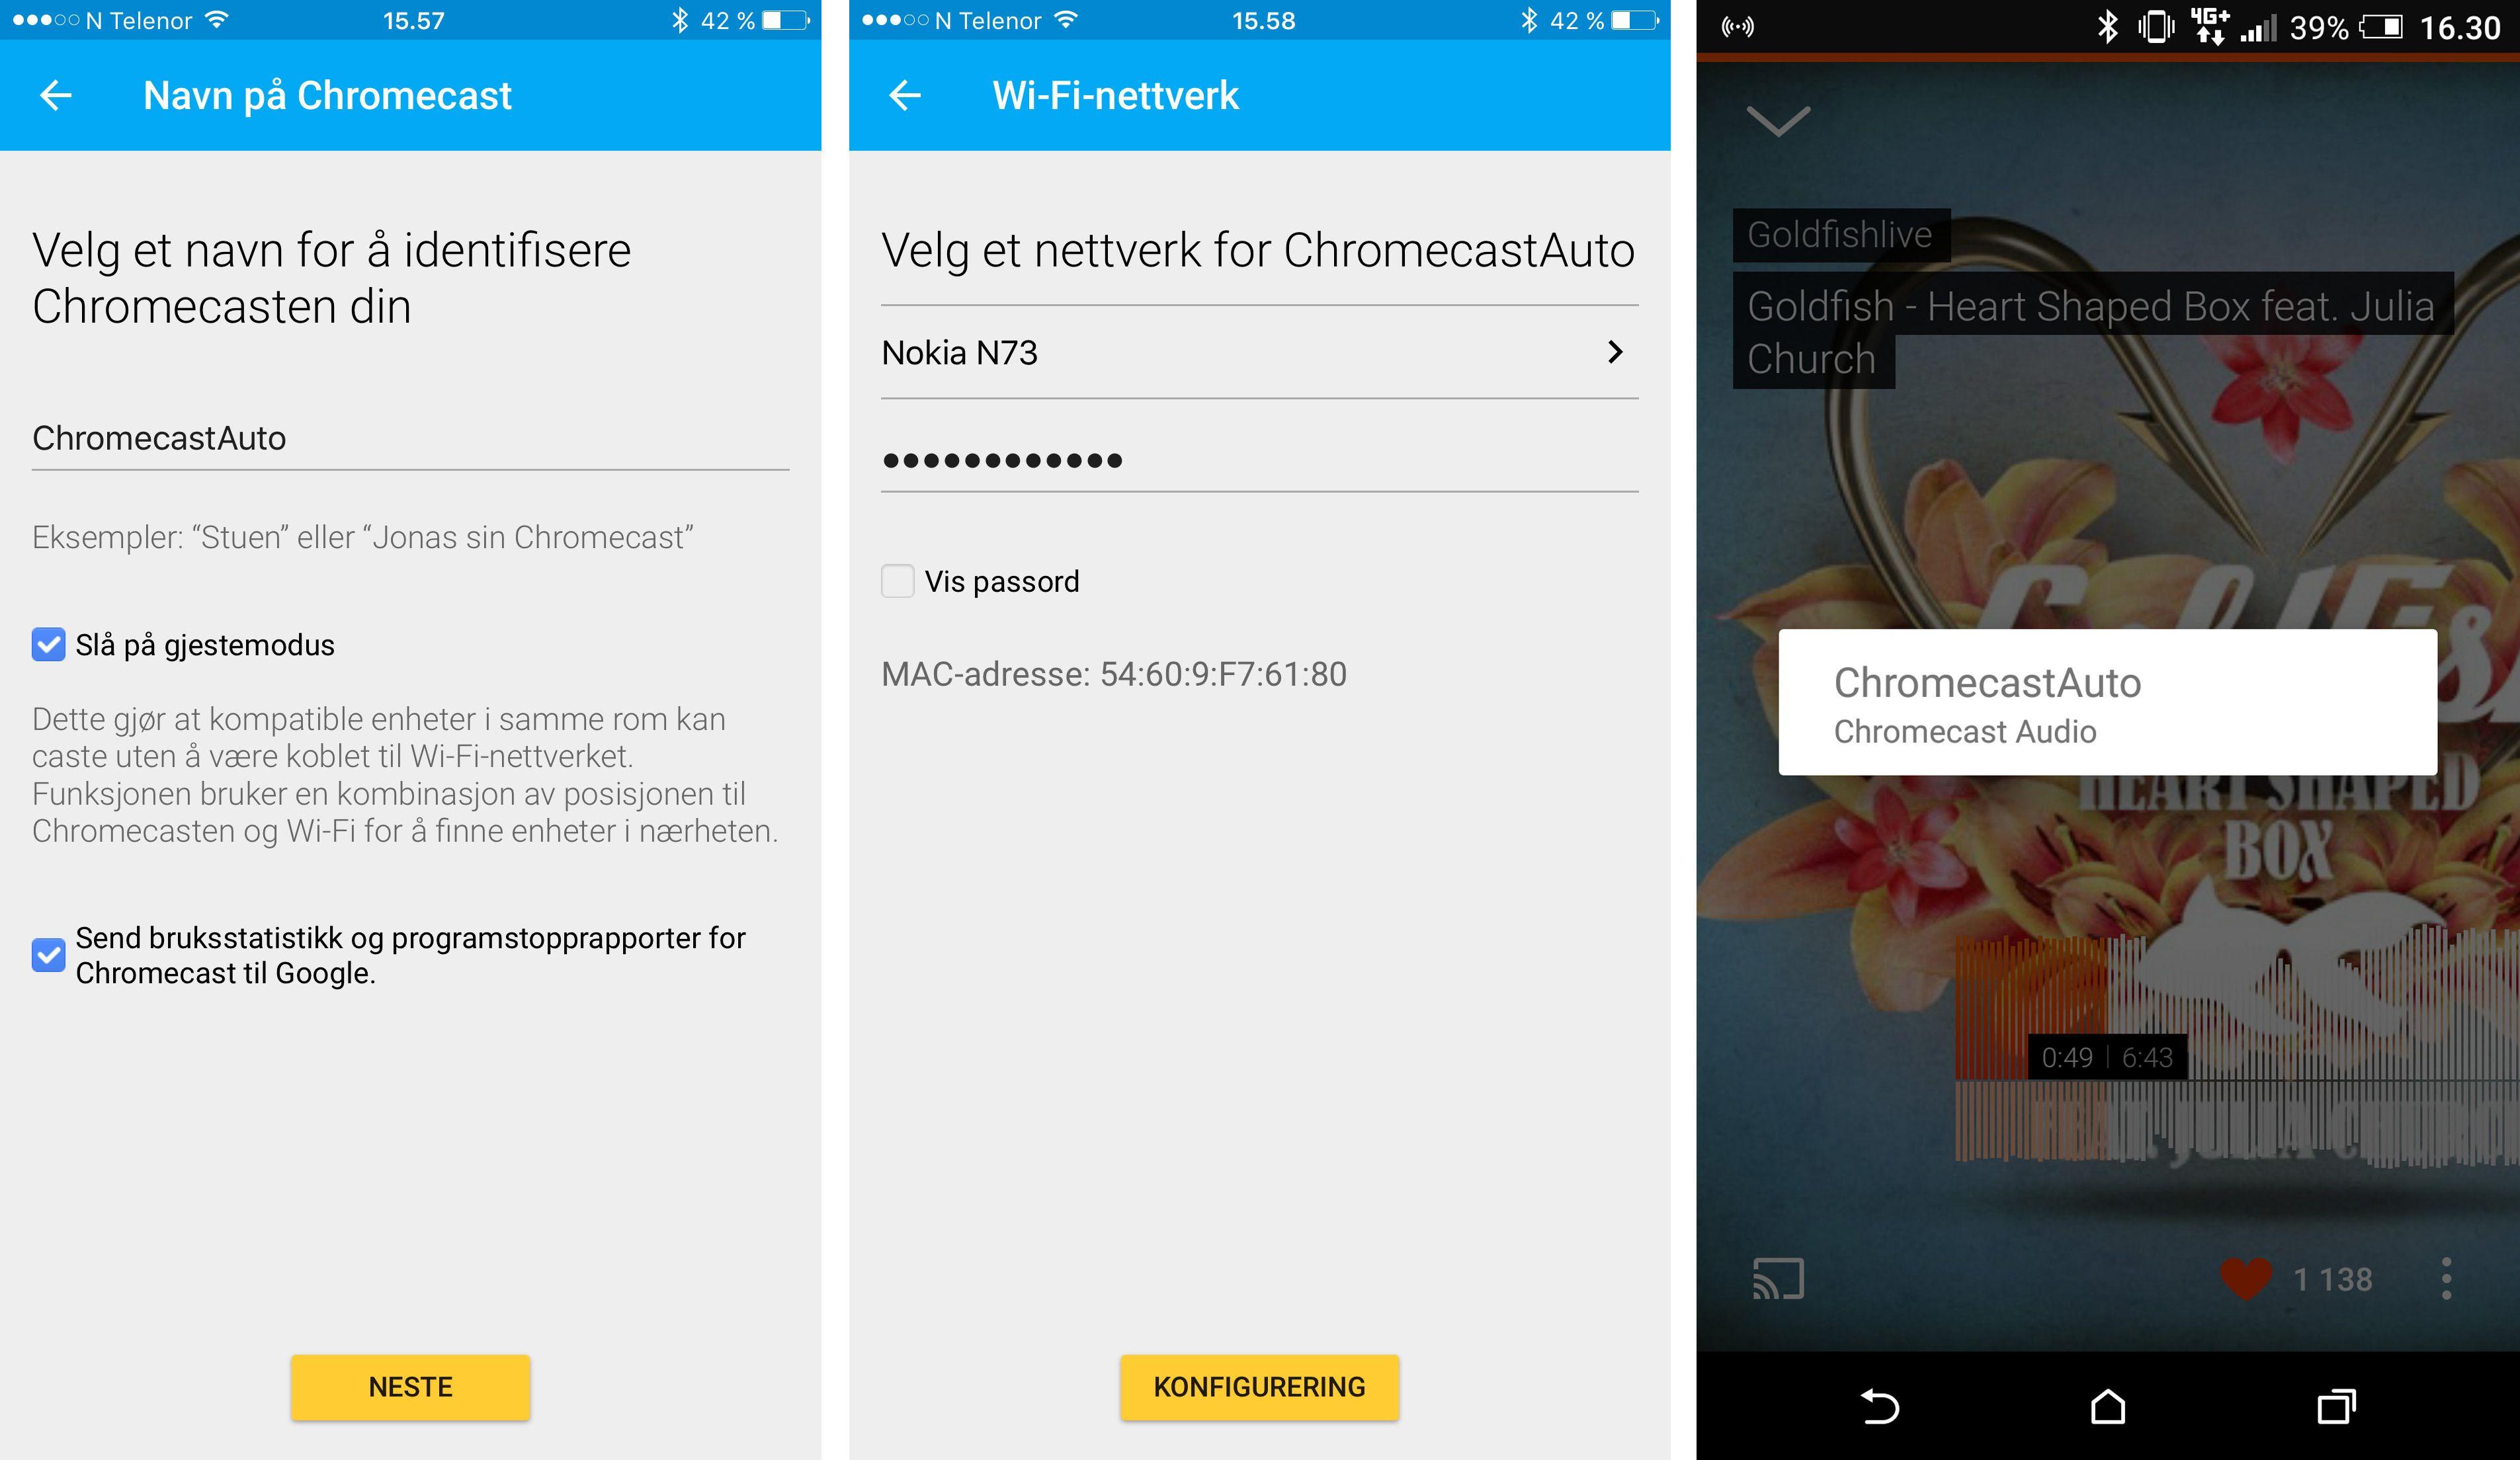 Etter å ha koblet Chromecast Audio til det delte nettverket fra en Android-telefon vil du finne dingsen direkte fra telefonen. Dette fungerer ikke like godt på en iPhone.